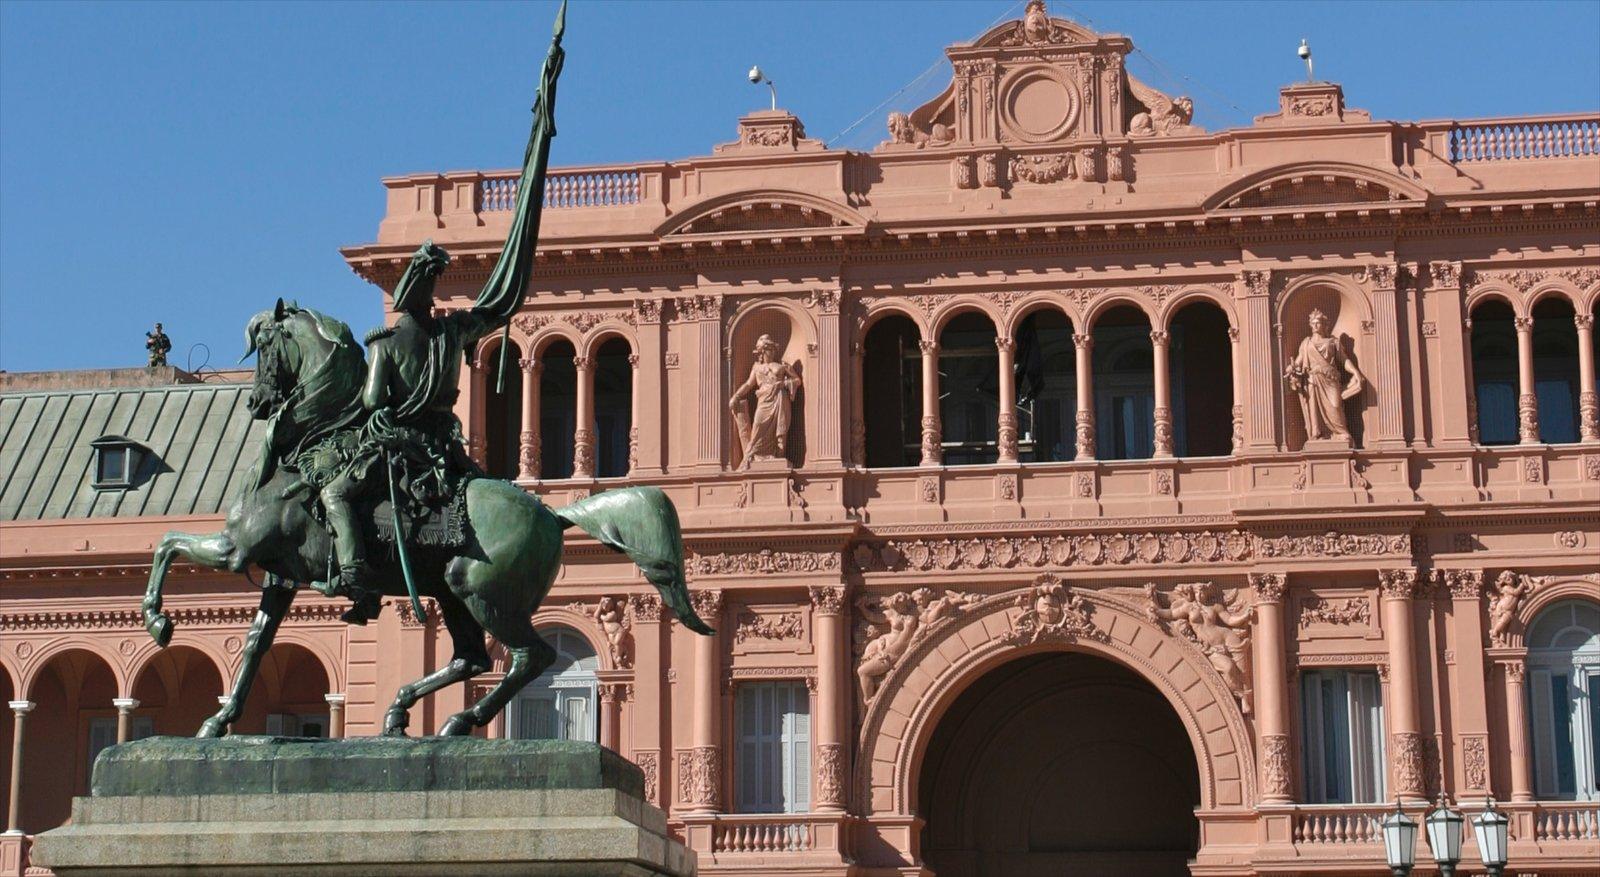 Centro de Buenos Aires que inclui elementos de patrimônio, arquitetura de patrimônio e uma estátua ou escultura